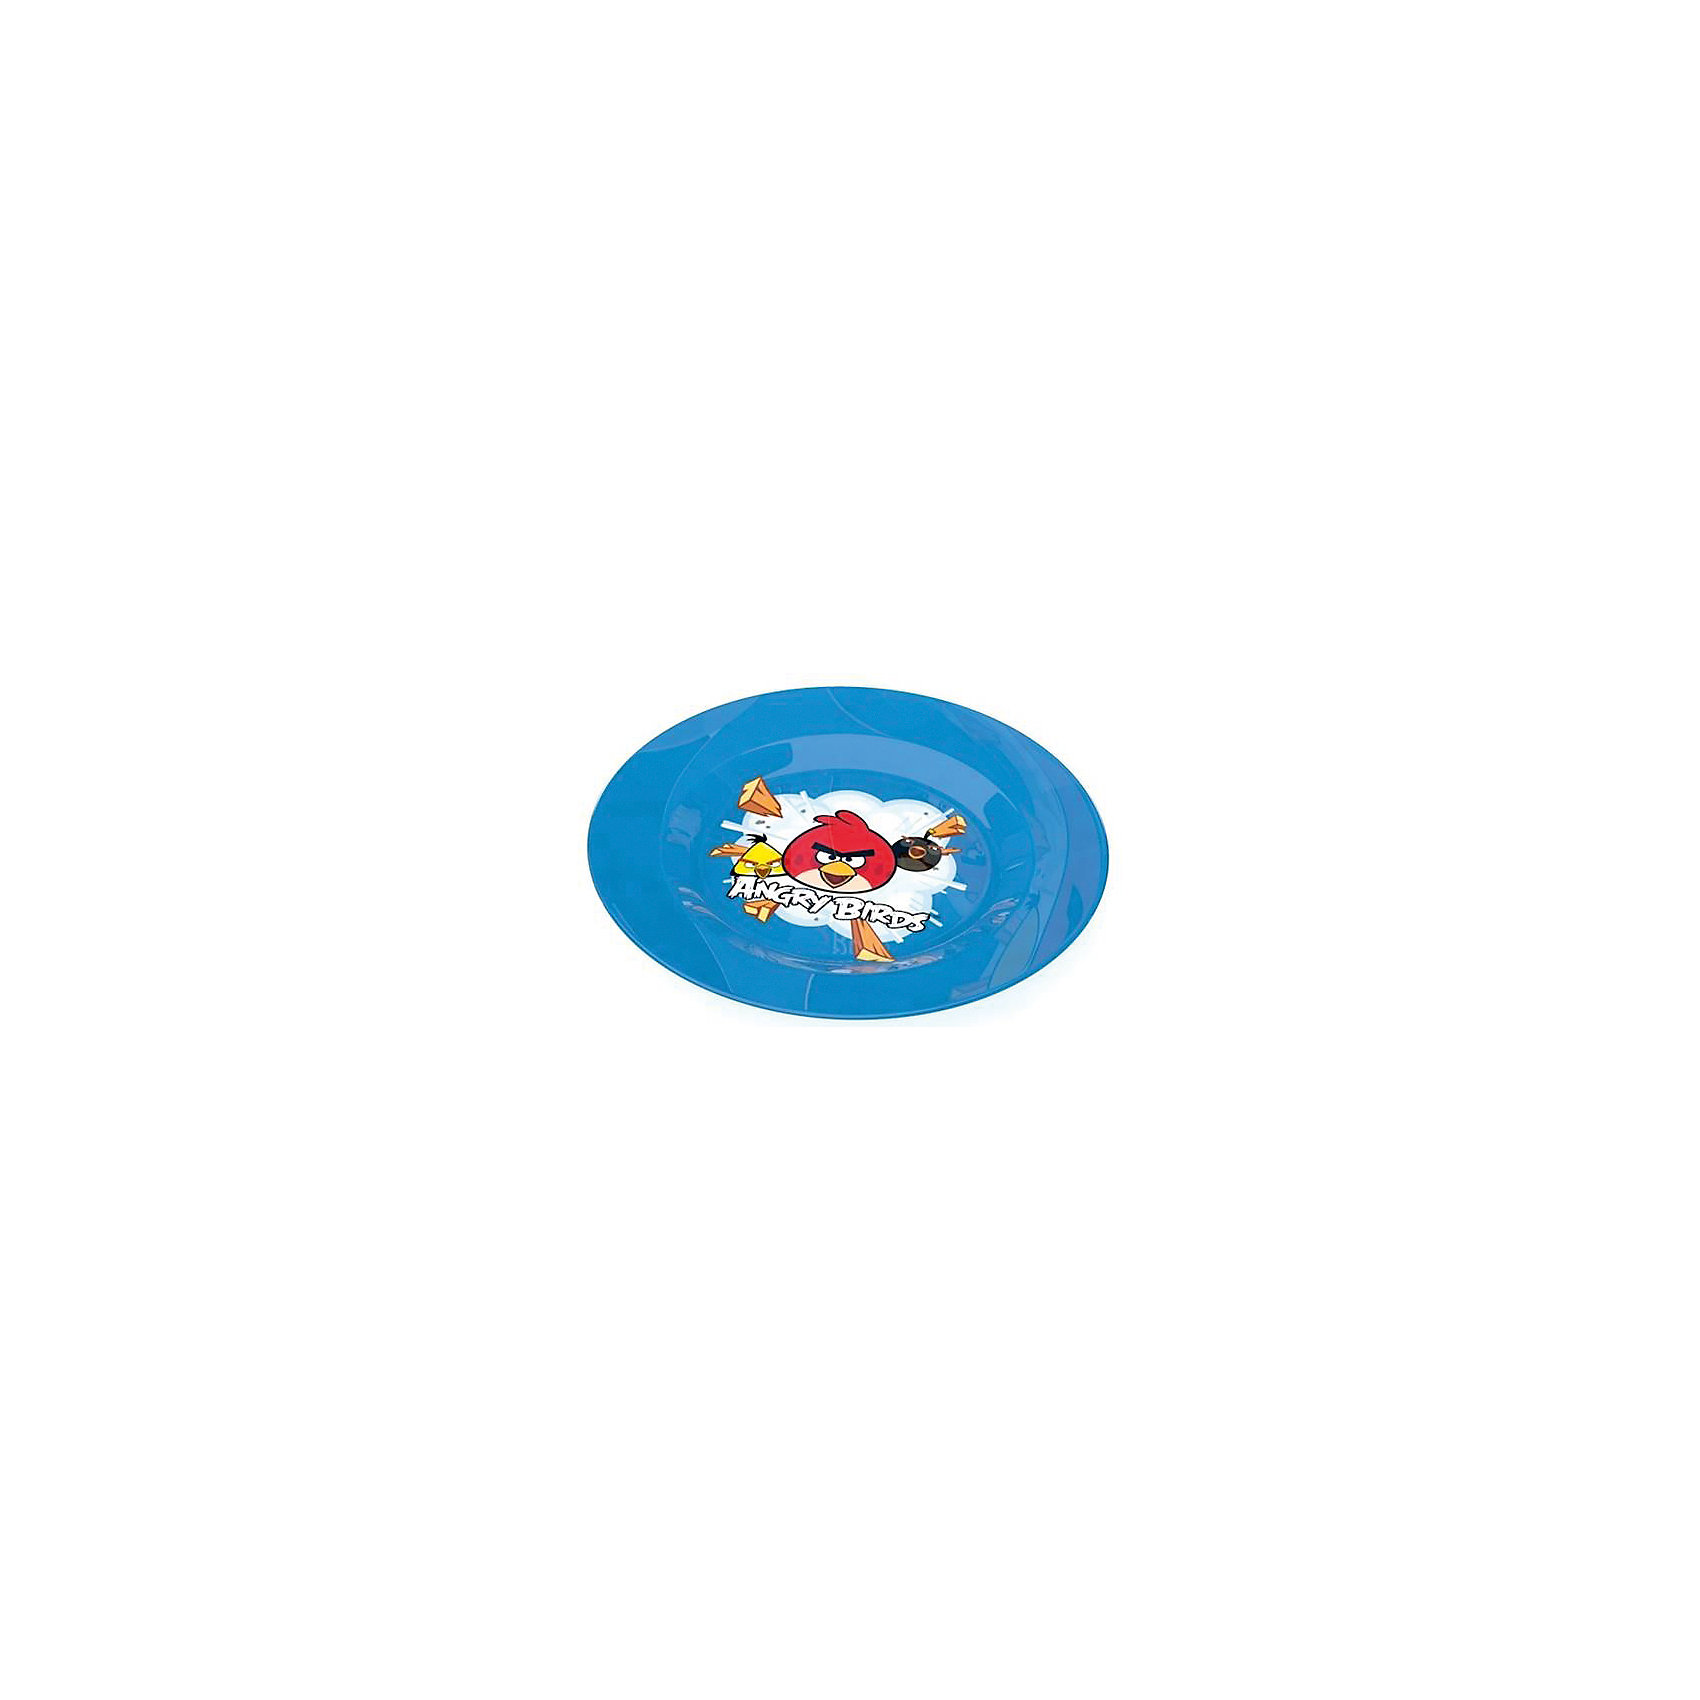 Тарелка, Angry BirdsAngry Birds<br>Яркая посуда с изображениями любимых героев - залог отличного настроения и аппетита! Тарелка Angry Birds выполнена из прочного высококачественного стекла, в производстве которого использованы только экологичные красители безопасные для детей. <br><br>Дополнительная информация:<br><br>- Материал: стекло.<br>- Диаметр: 19,5 см. <br><br>Тарелка, Angry Birds (Энгри Бердз), можно купить в нашем магазине.<br><br>Ширина мм: 195<br>Глубина мм: 195<br>Высота мм: 20<br>Вес г: 250<br>Возраст от месяцев: 36<br>Возраст до месяцев: 144<br>Пол: Унисекс<br>Возраст: Детский<br>SKU: 4761390